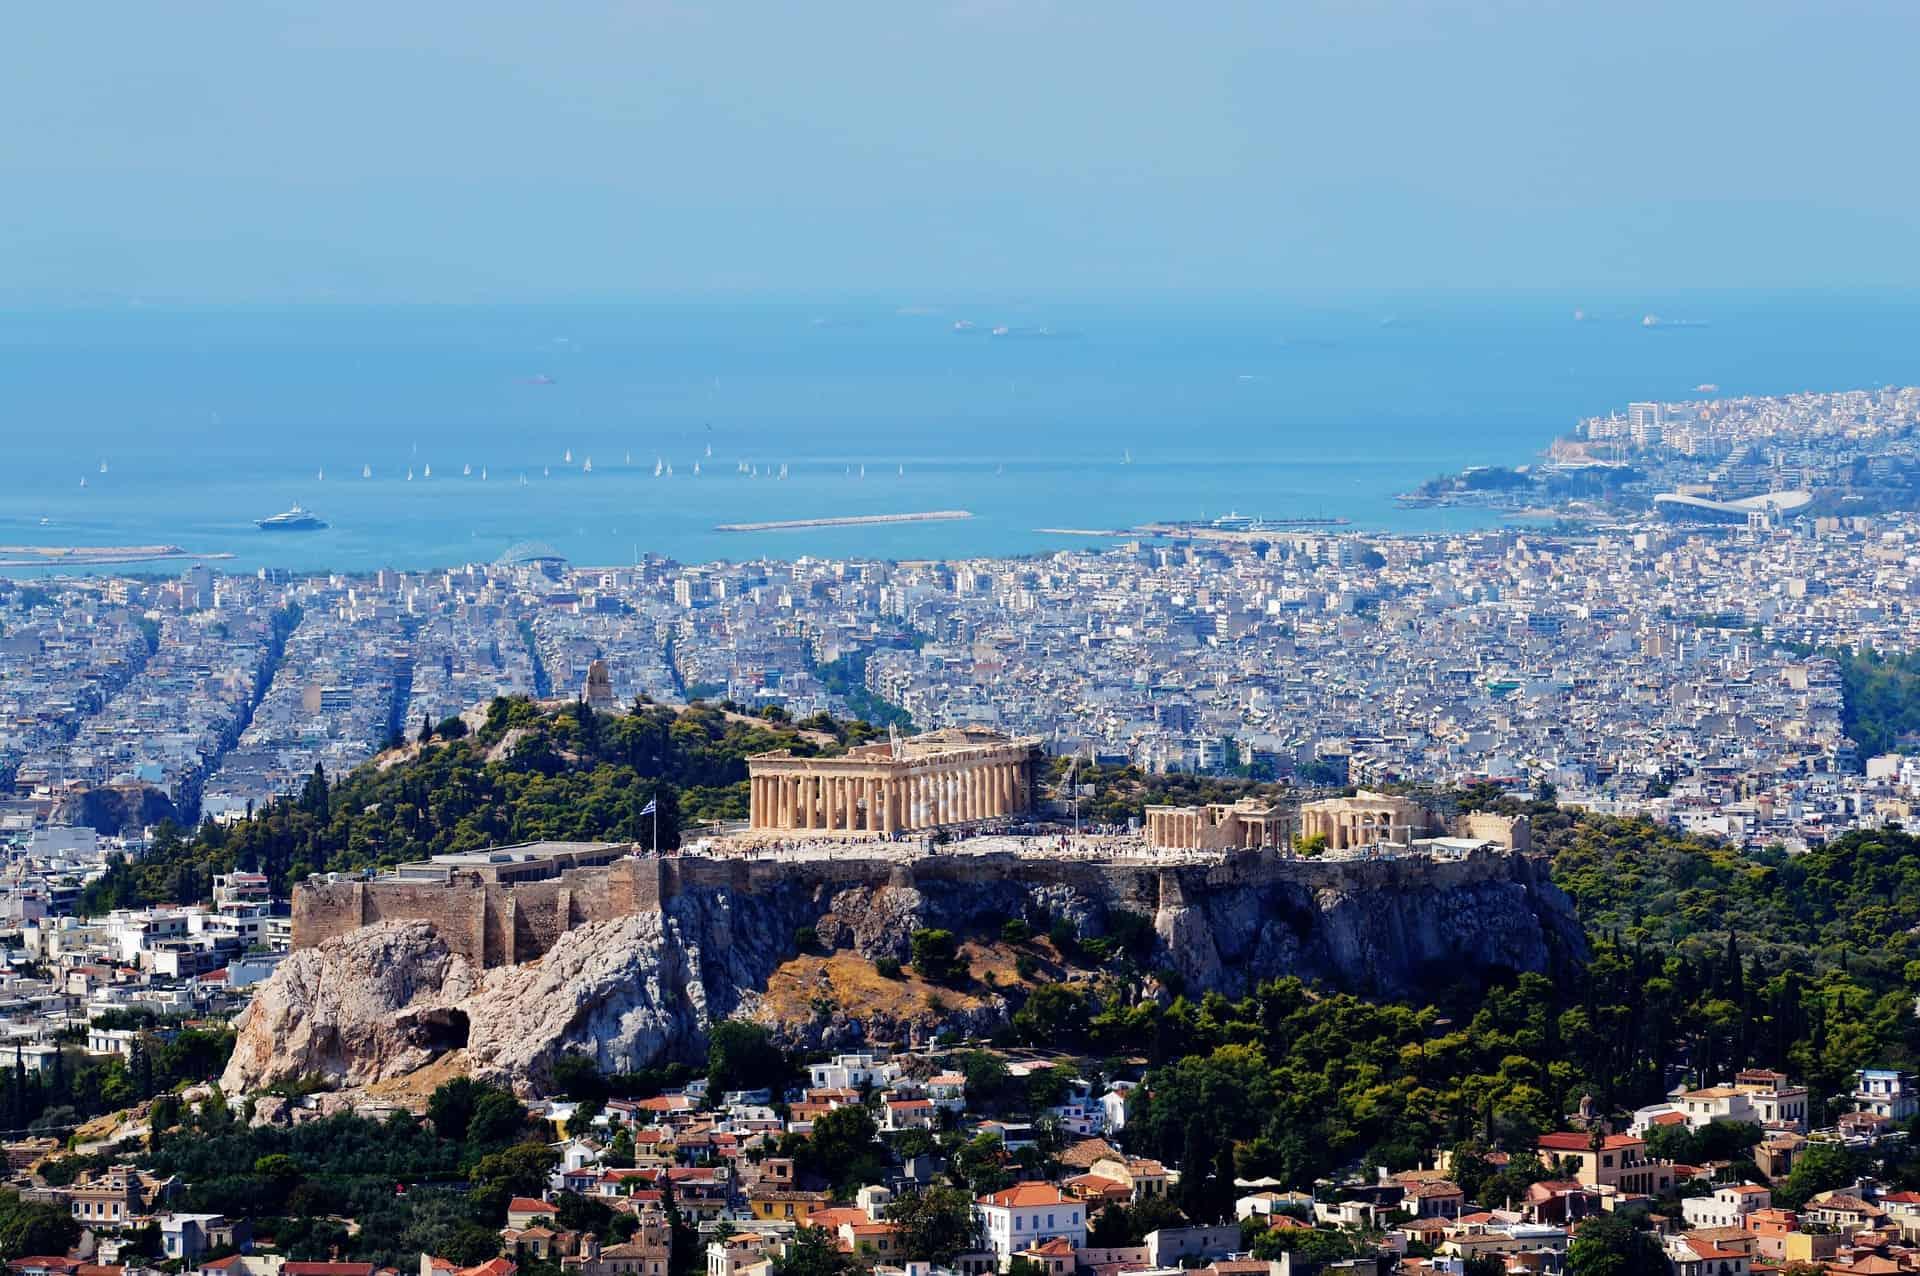 Pauschalreise Athen ruft ab 161,00€ Griechenland Deals